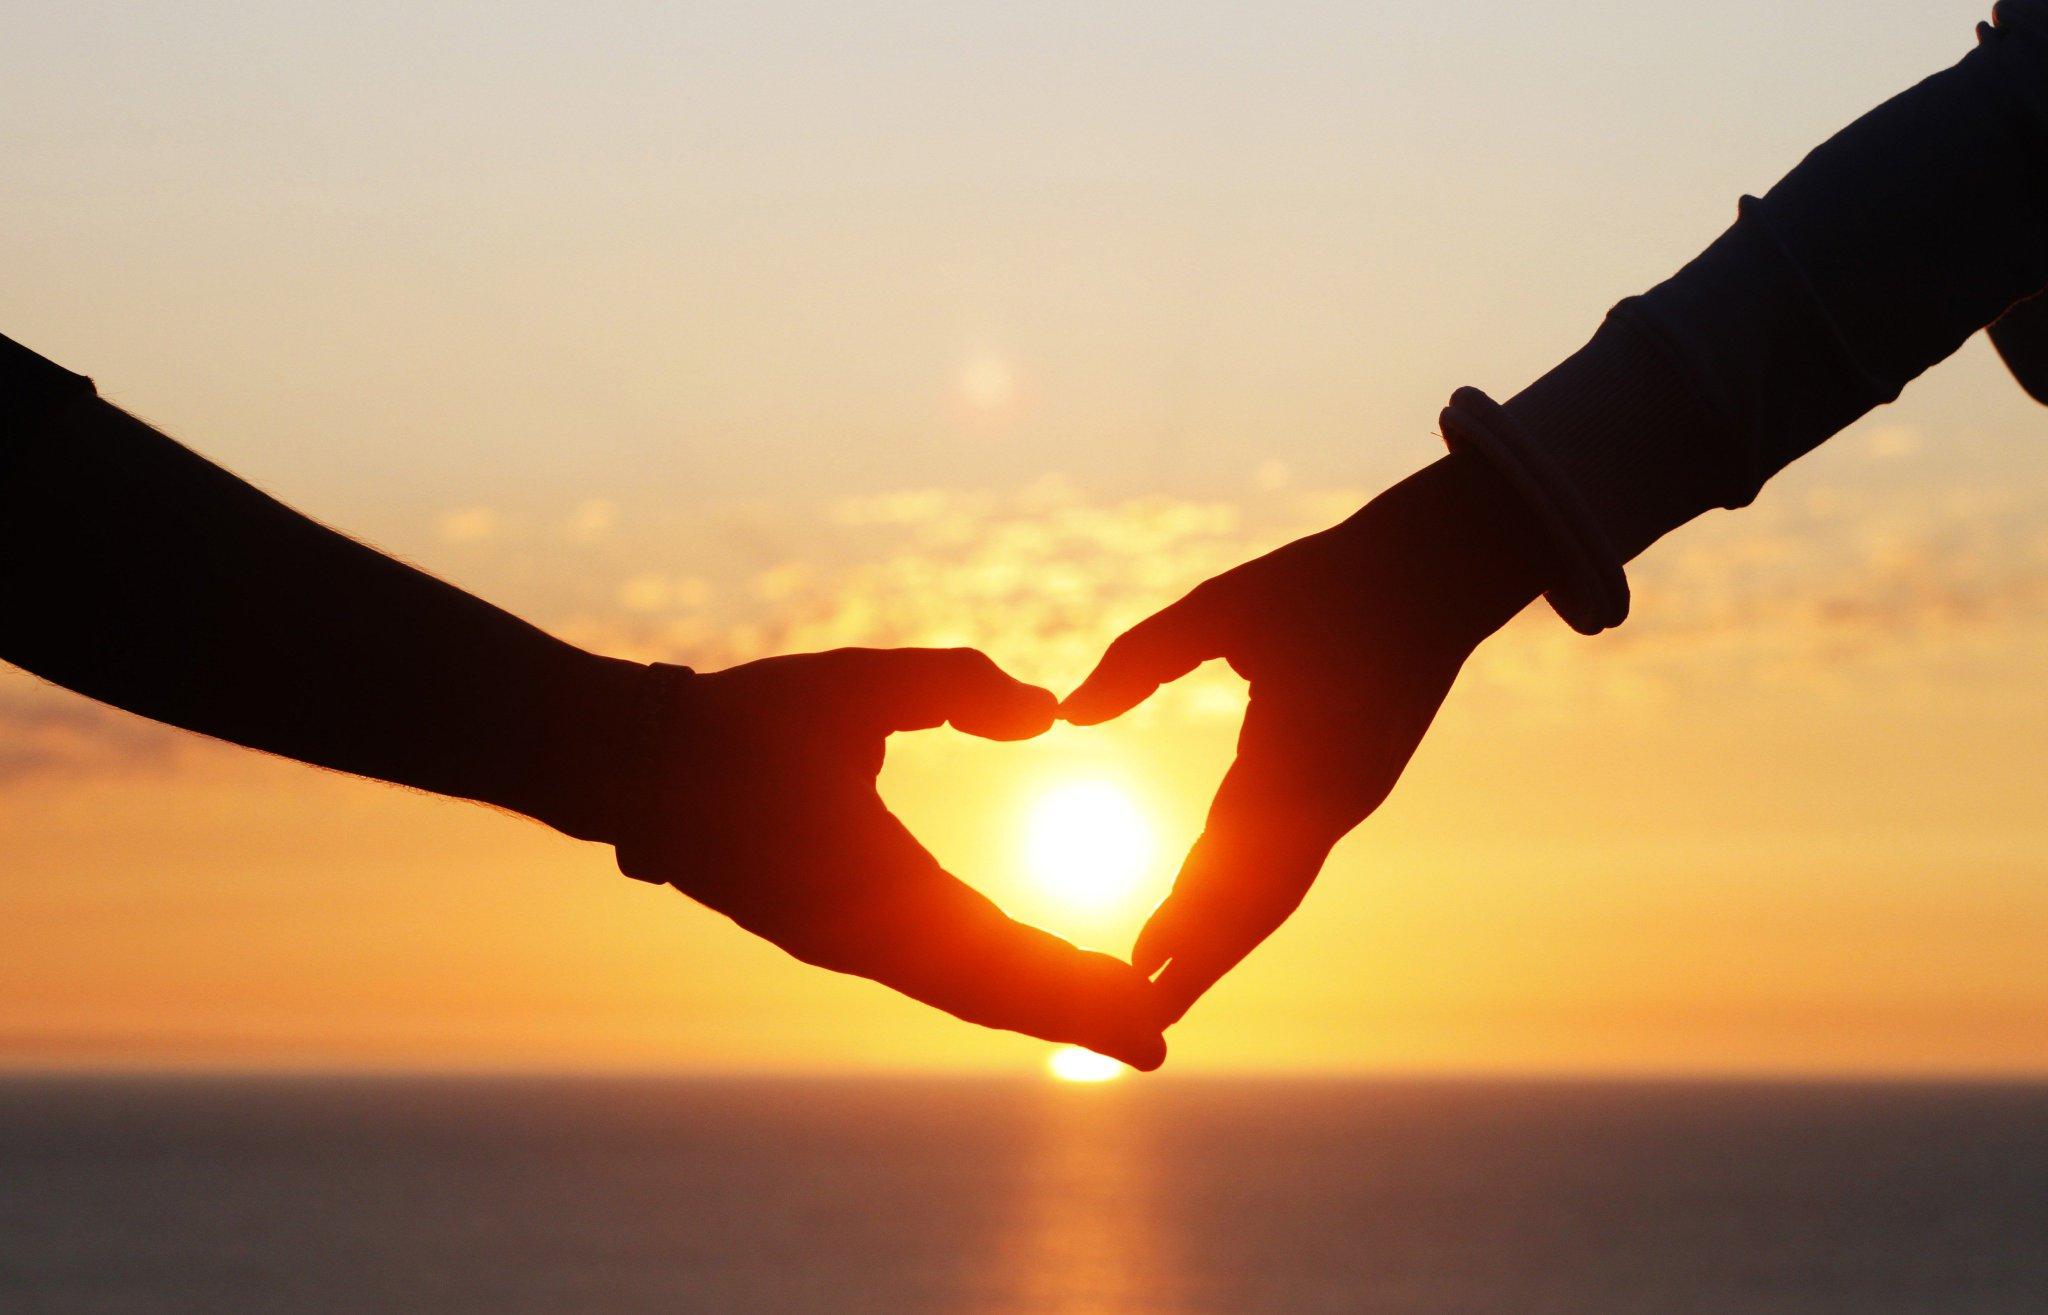 выбрать лучший фотографии на тему любви они